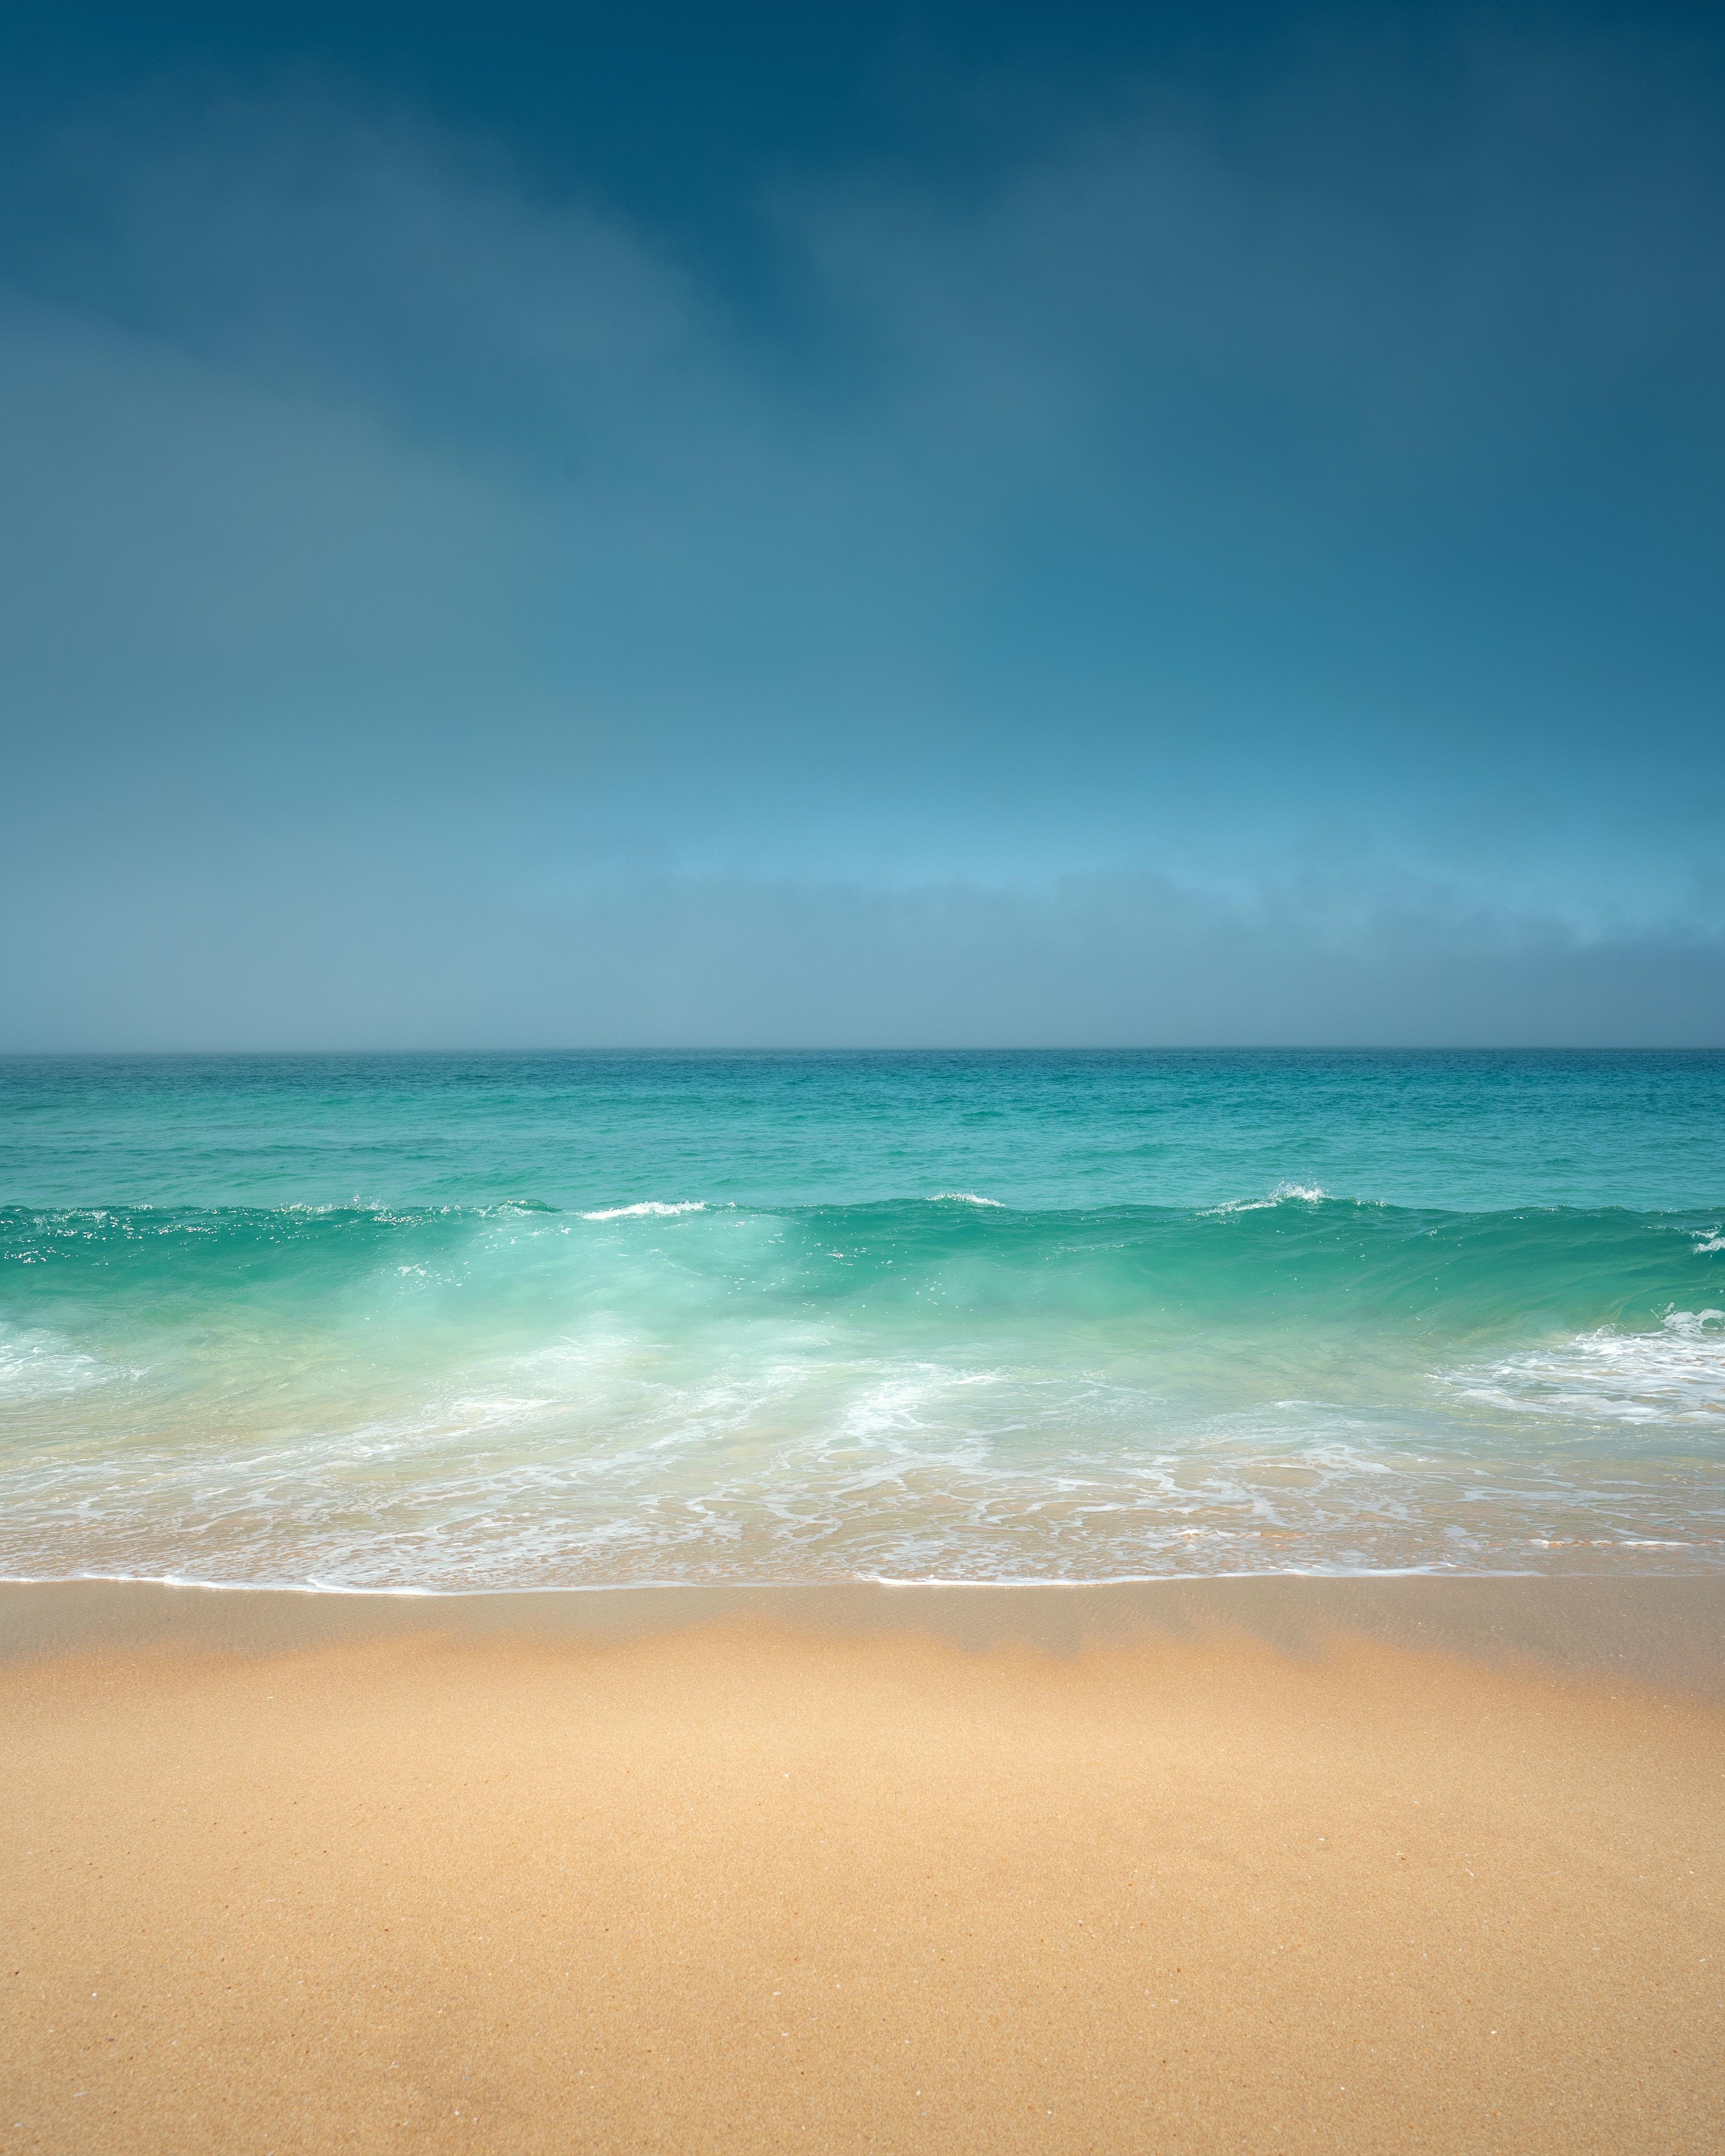 106928 Заставки и Обои Волны на телефон. Скачать Природа, Океан, Берег, Горизонт, Волны картинки бесплатно